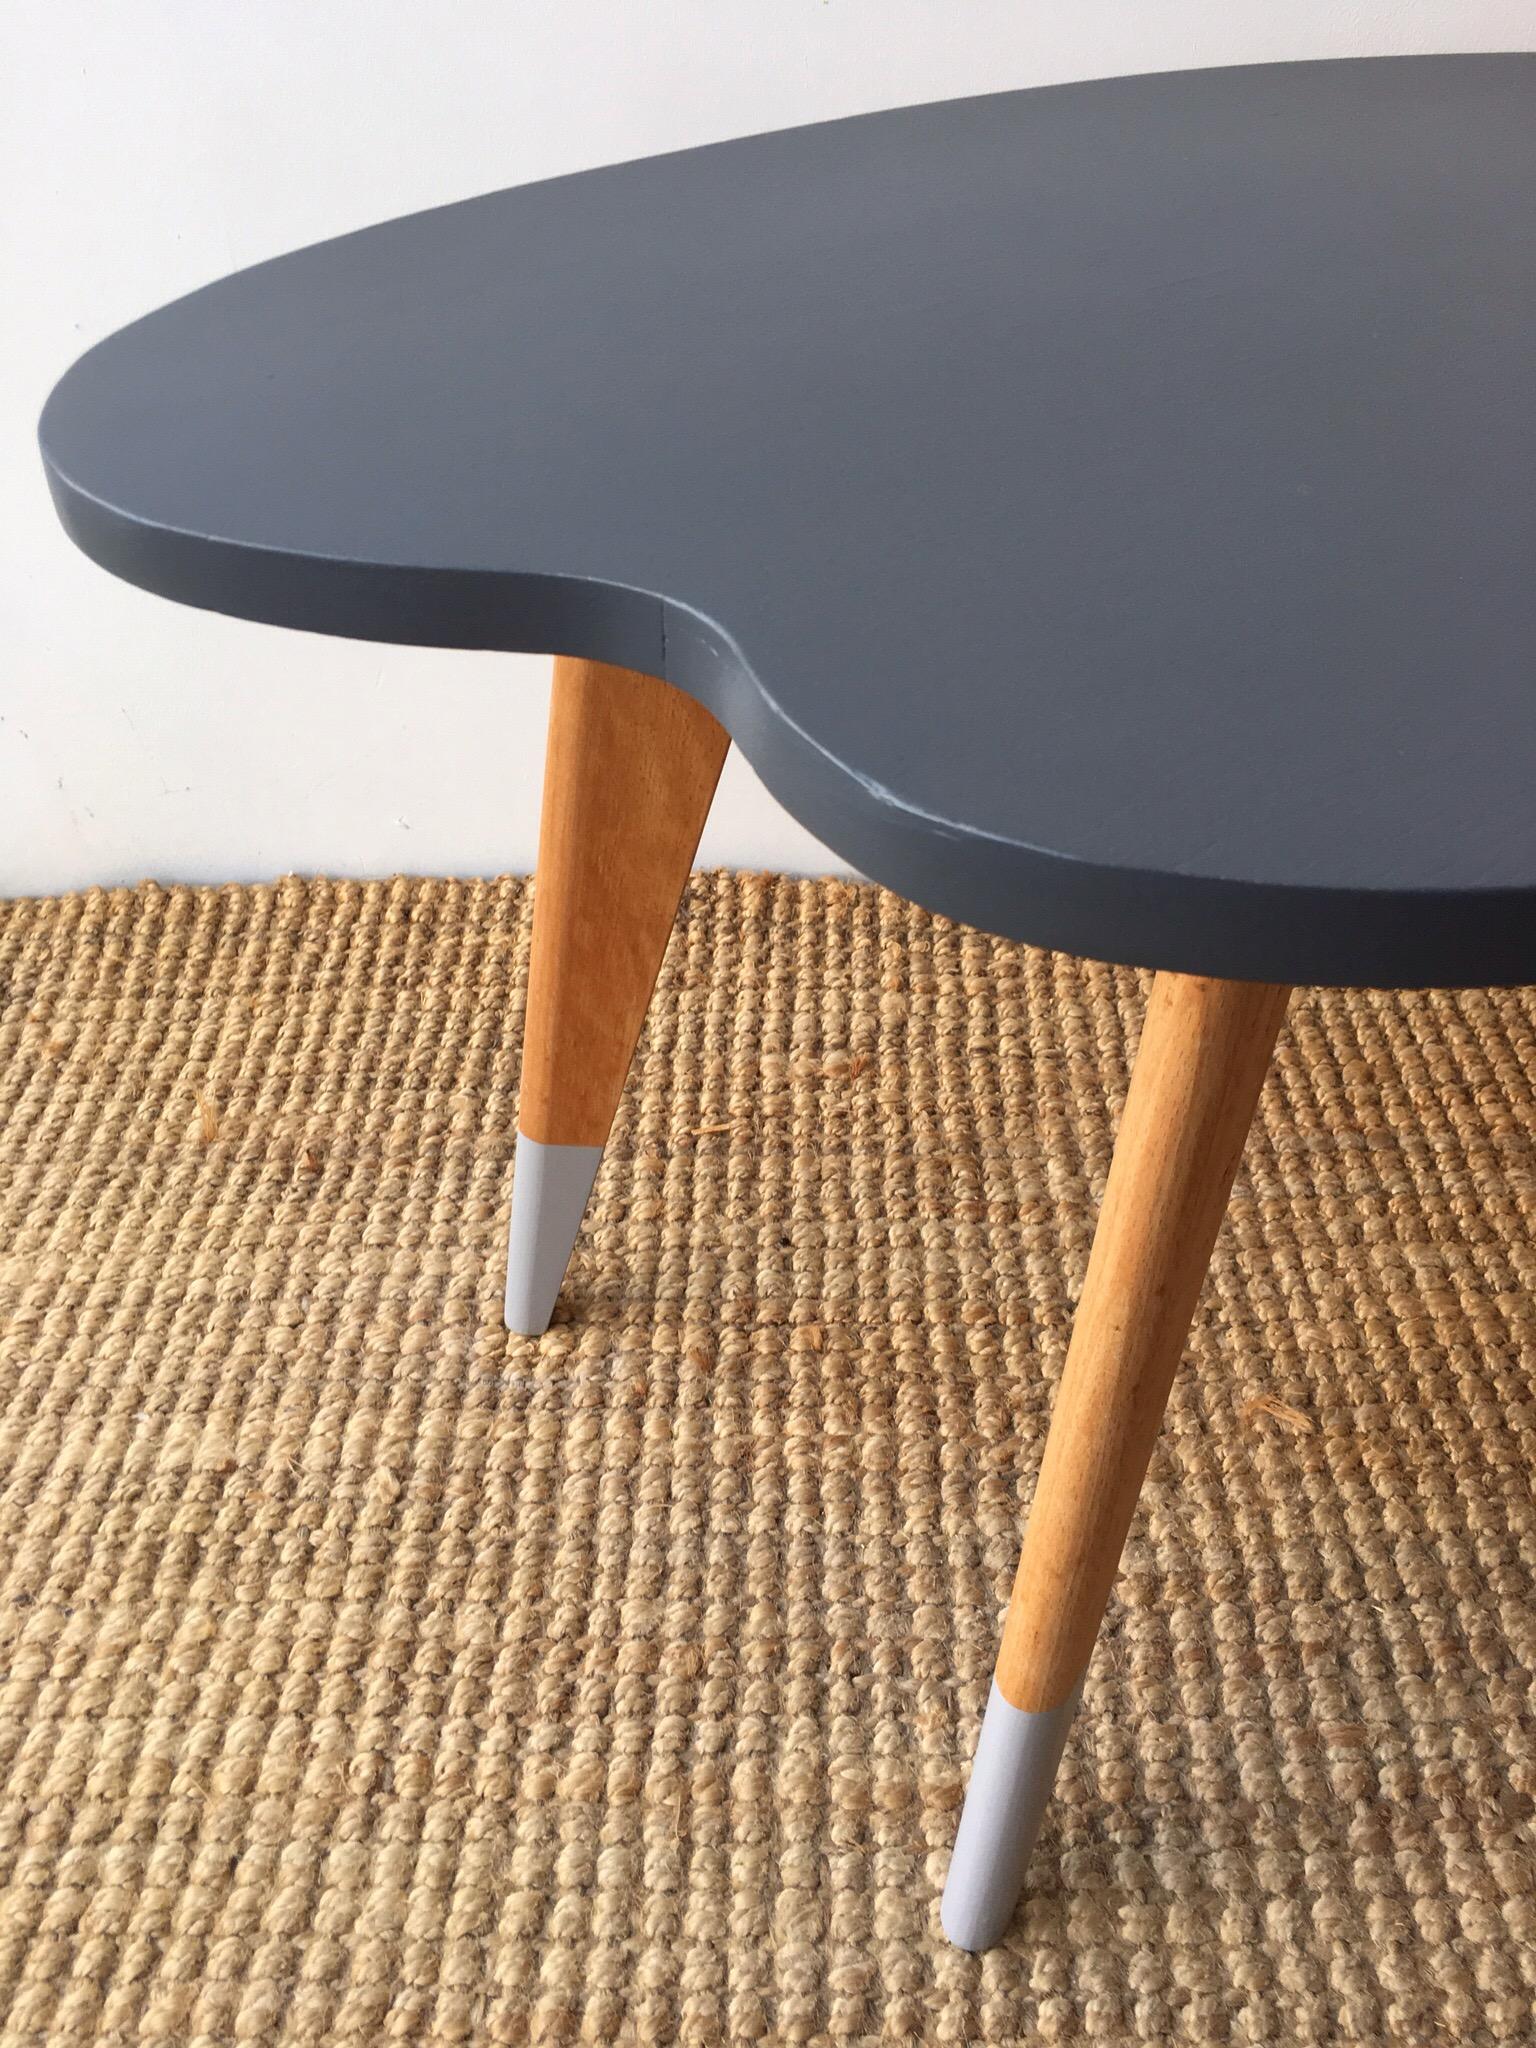 chevets petites deco l 39 atelier de niguedouille. Black Bedroom Furniture Sets. Home Design Ideas